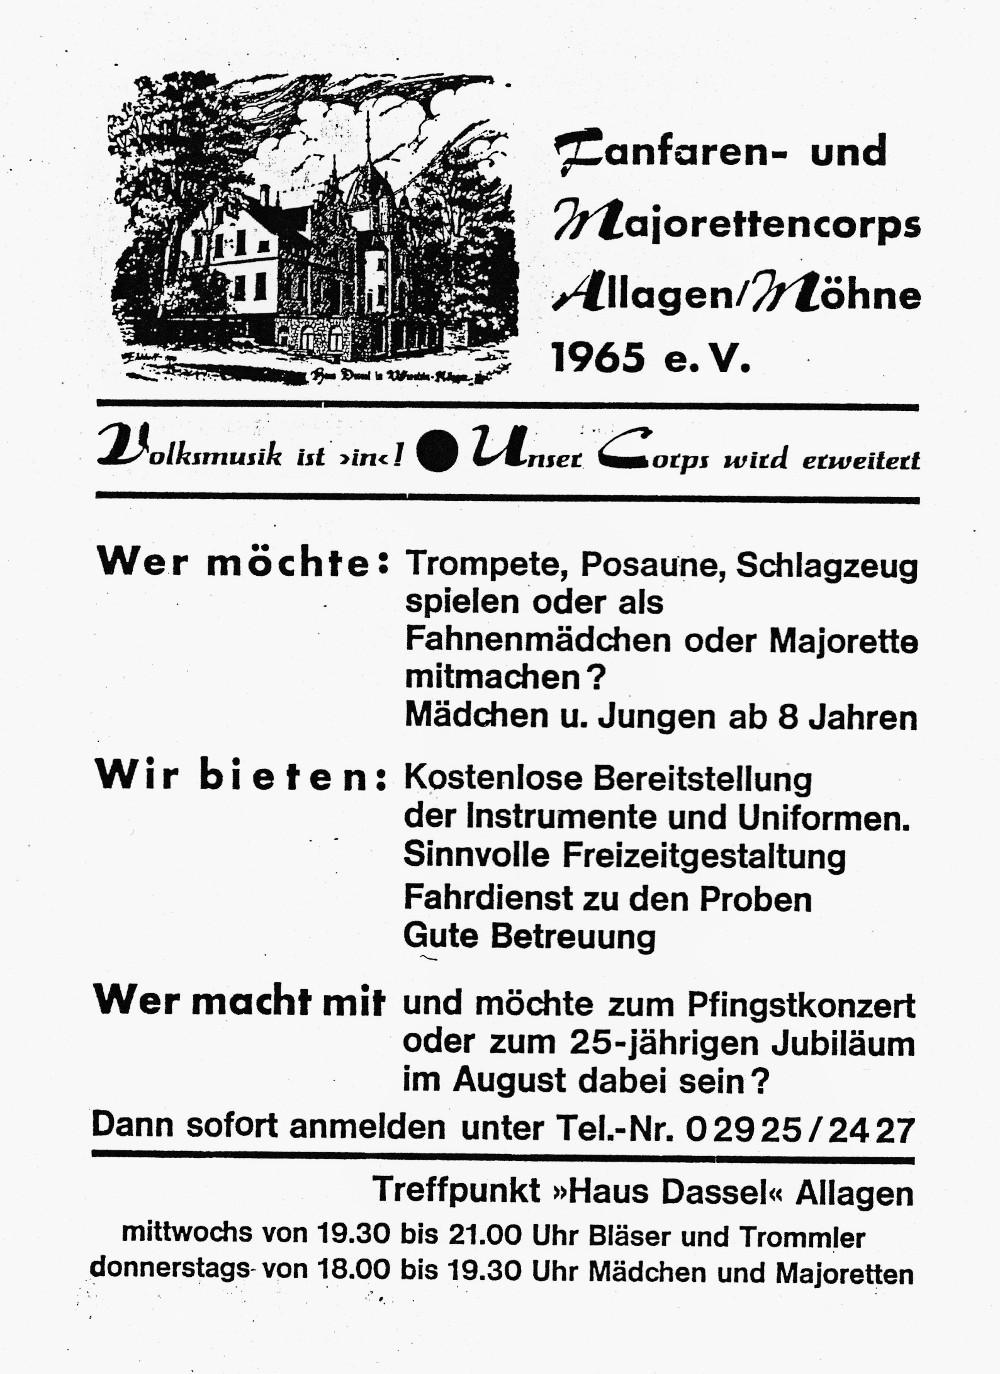 FMC_1974_Werbung